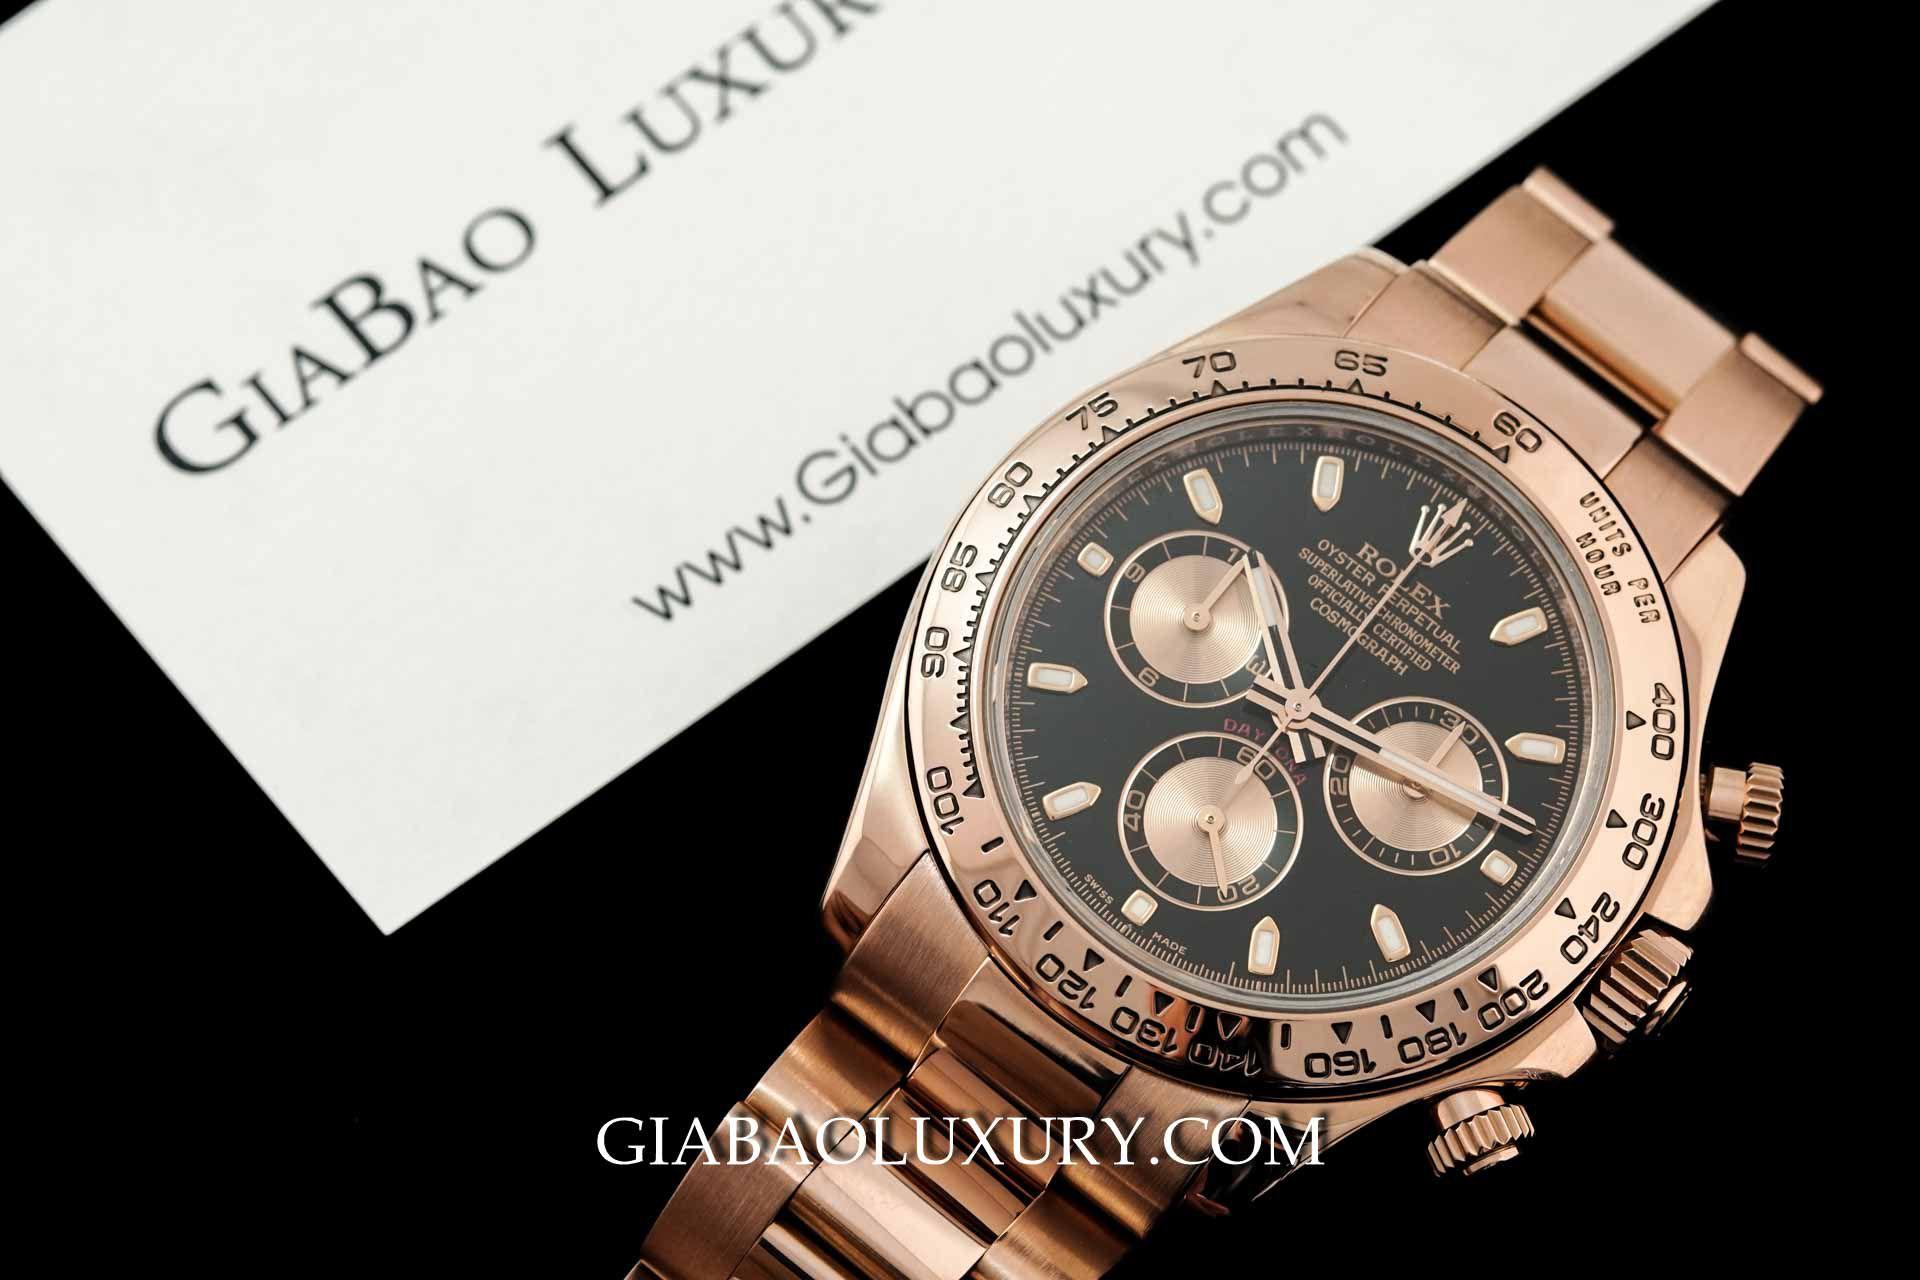 Rolex là thương hiệu đồng hồ có giá bán lại cao nhất trong số các dòng đồng hồ cao cấp được thu mua tại cửa hàng Gia Bảo Luxury